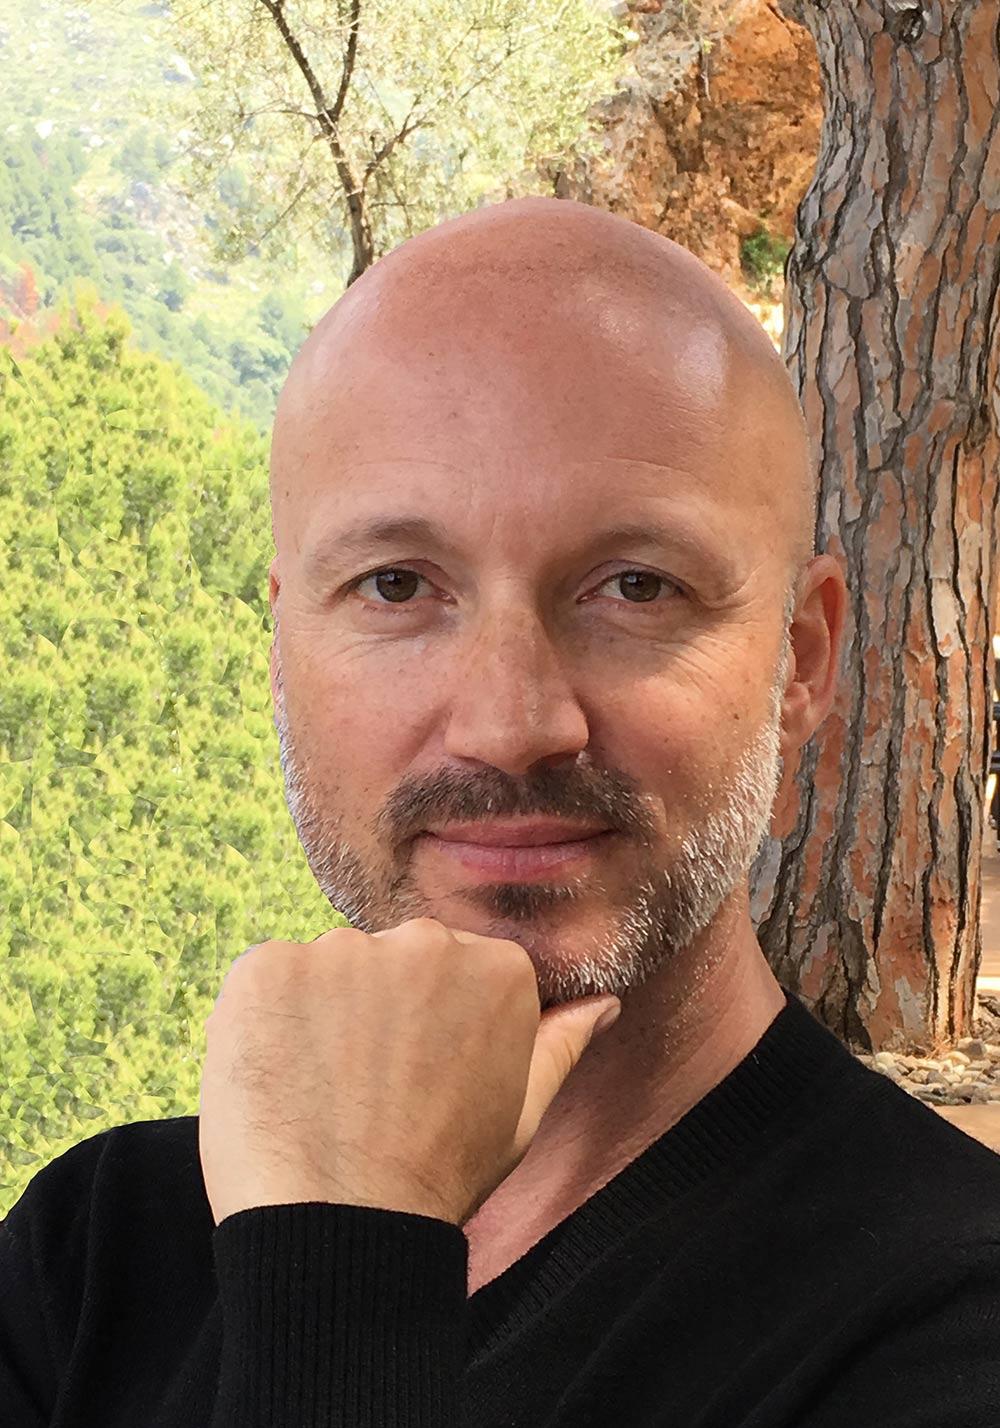 Markus Märkl ZAMUS Köln LOFT livestream alte musik